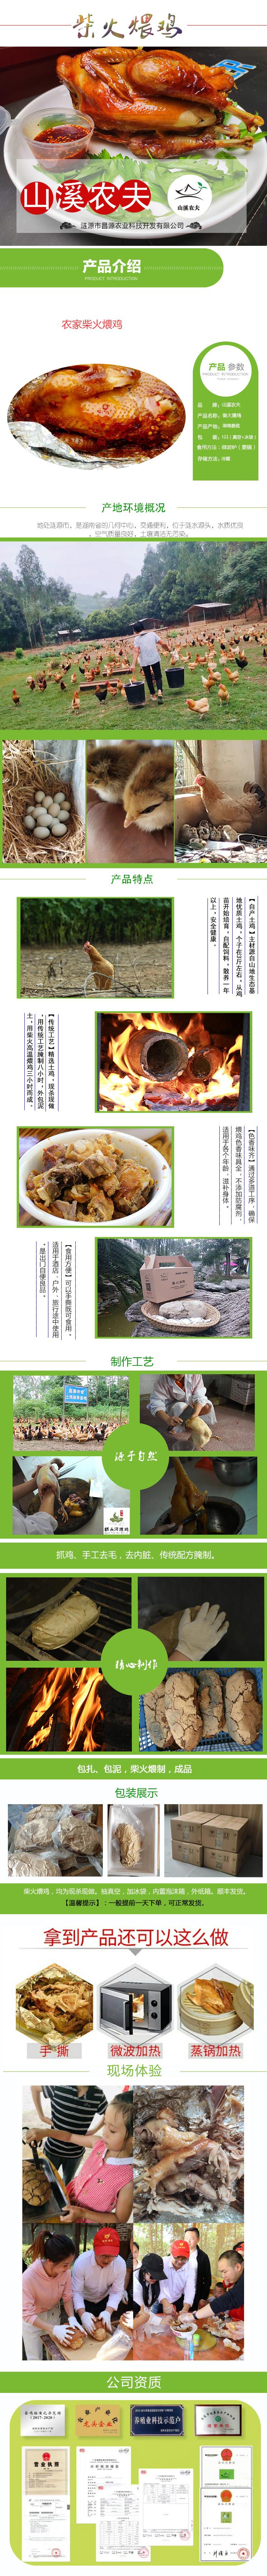 山溪农夫柴火煨鸡(最新).jpg